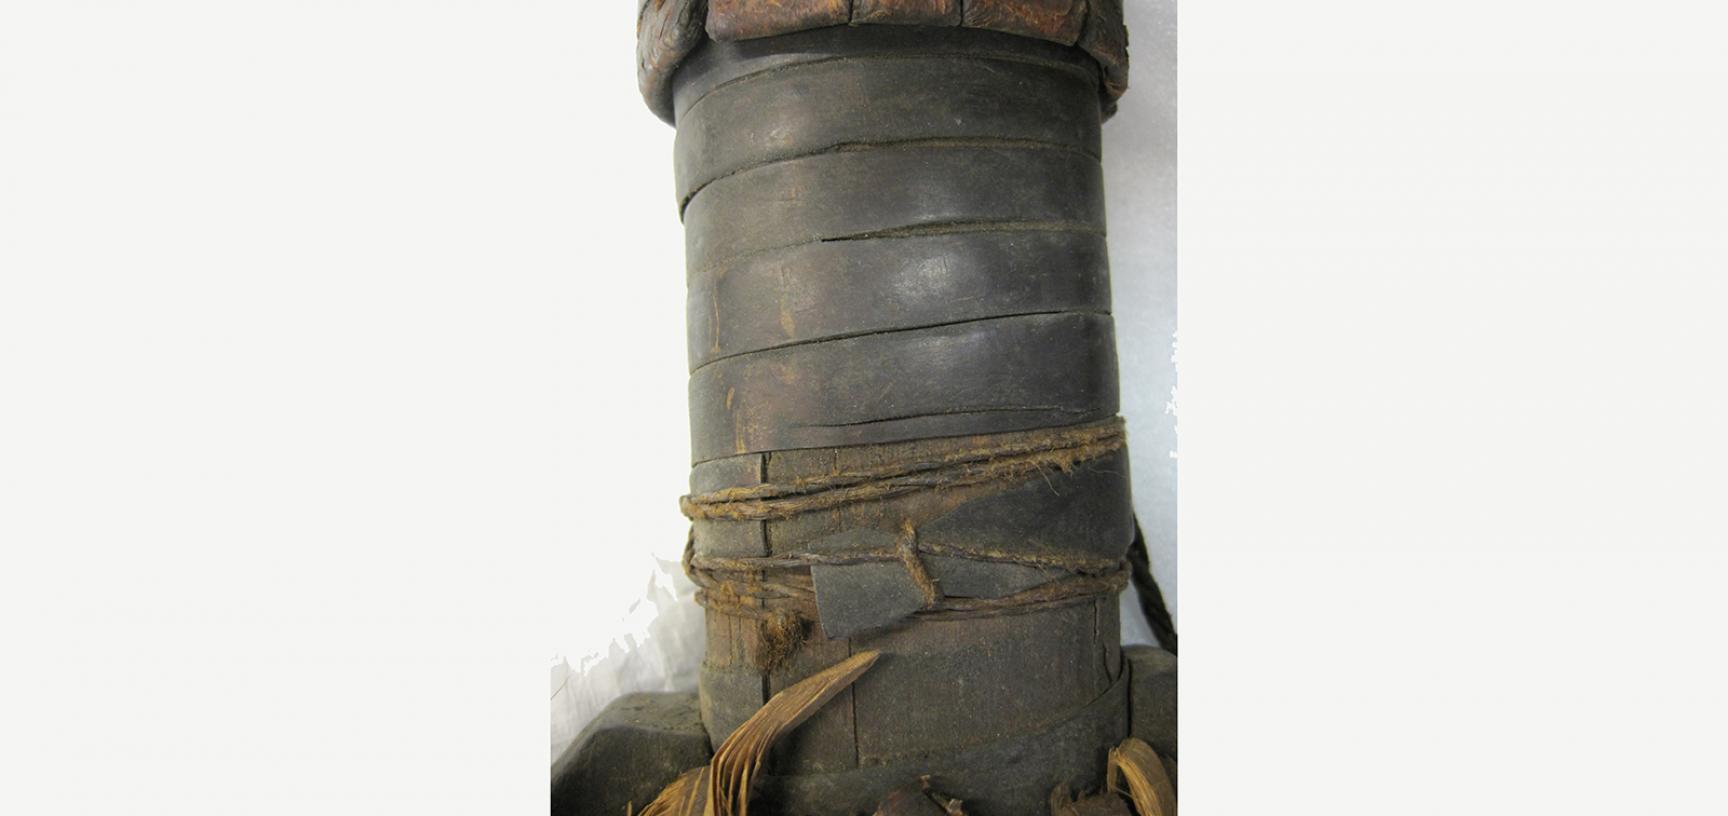 Detail of original repair on quiver (1910.68.12)